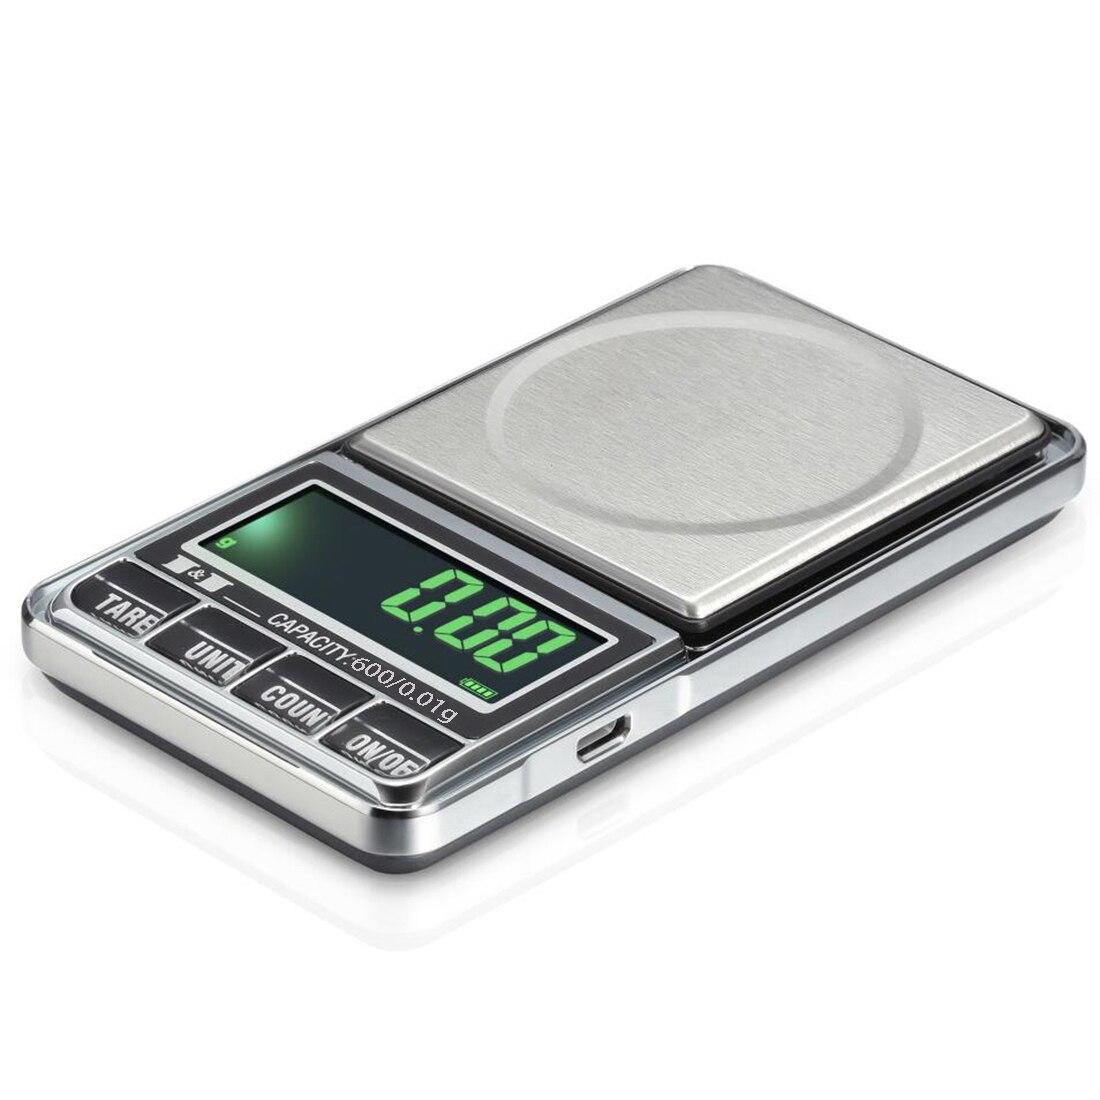 0,01 Gewicht Balance Elektronische Waagen 100 G-600g Mini Präzision Digitale Waage Für Gold Bijoux Sterling Silber Schmuck Skala Weich Und Rutschhemmend